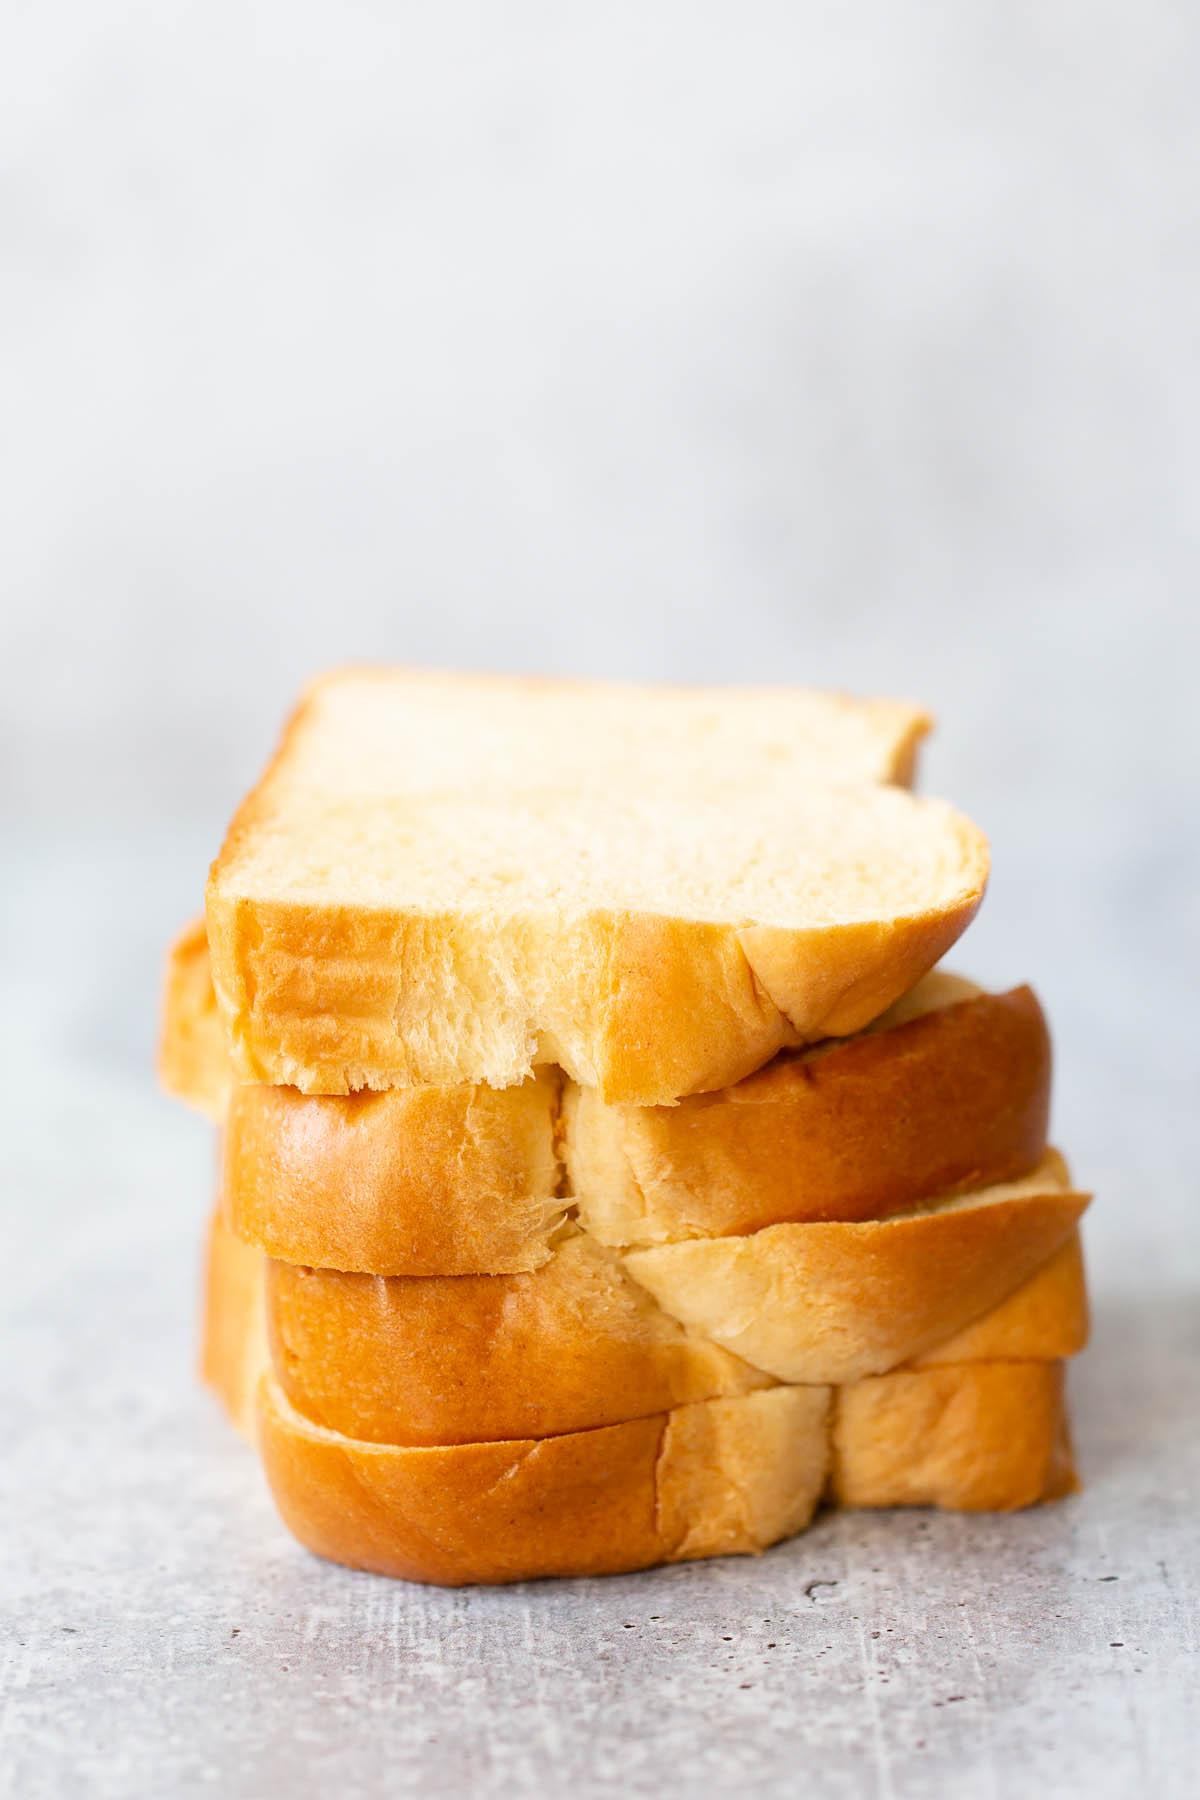 stack of brioche bread